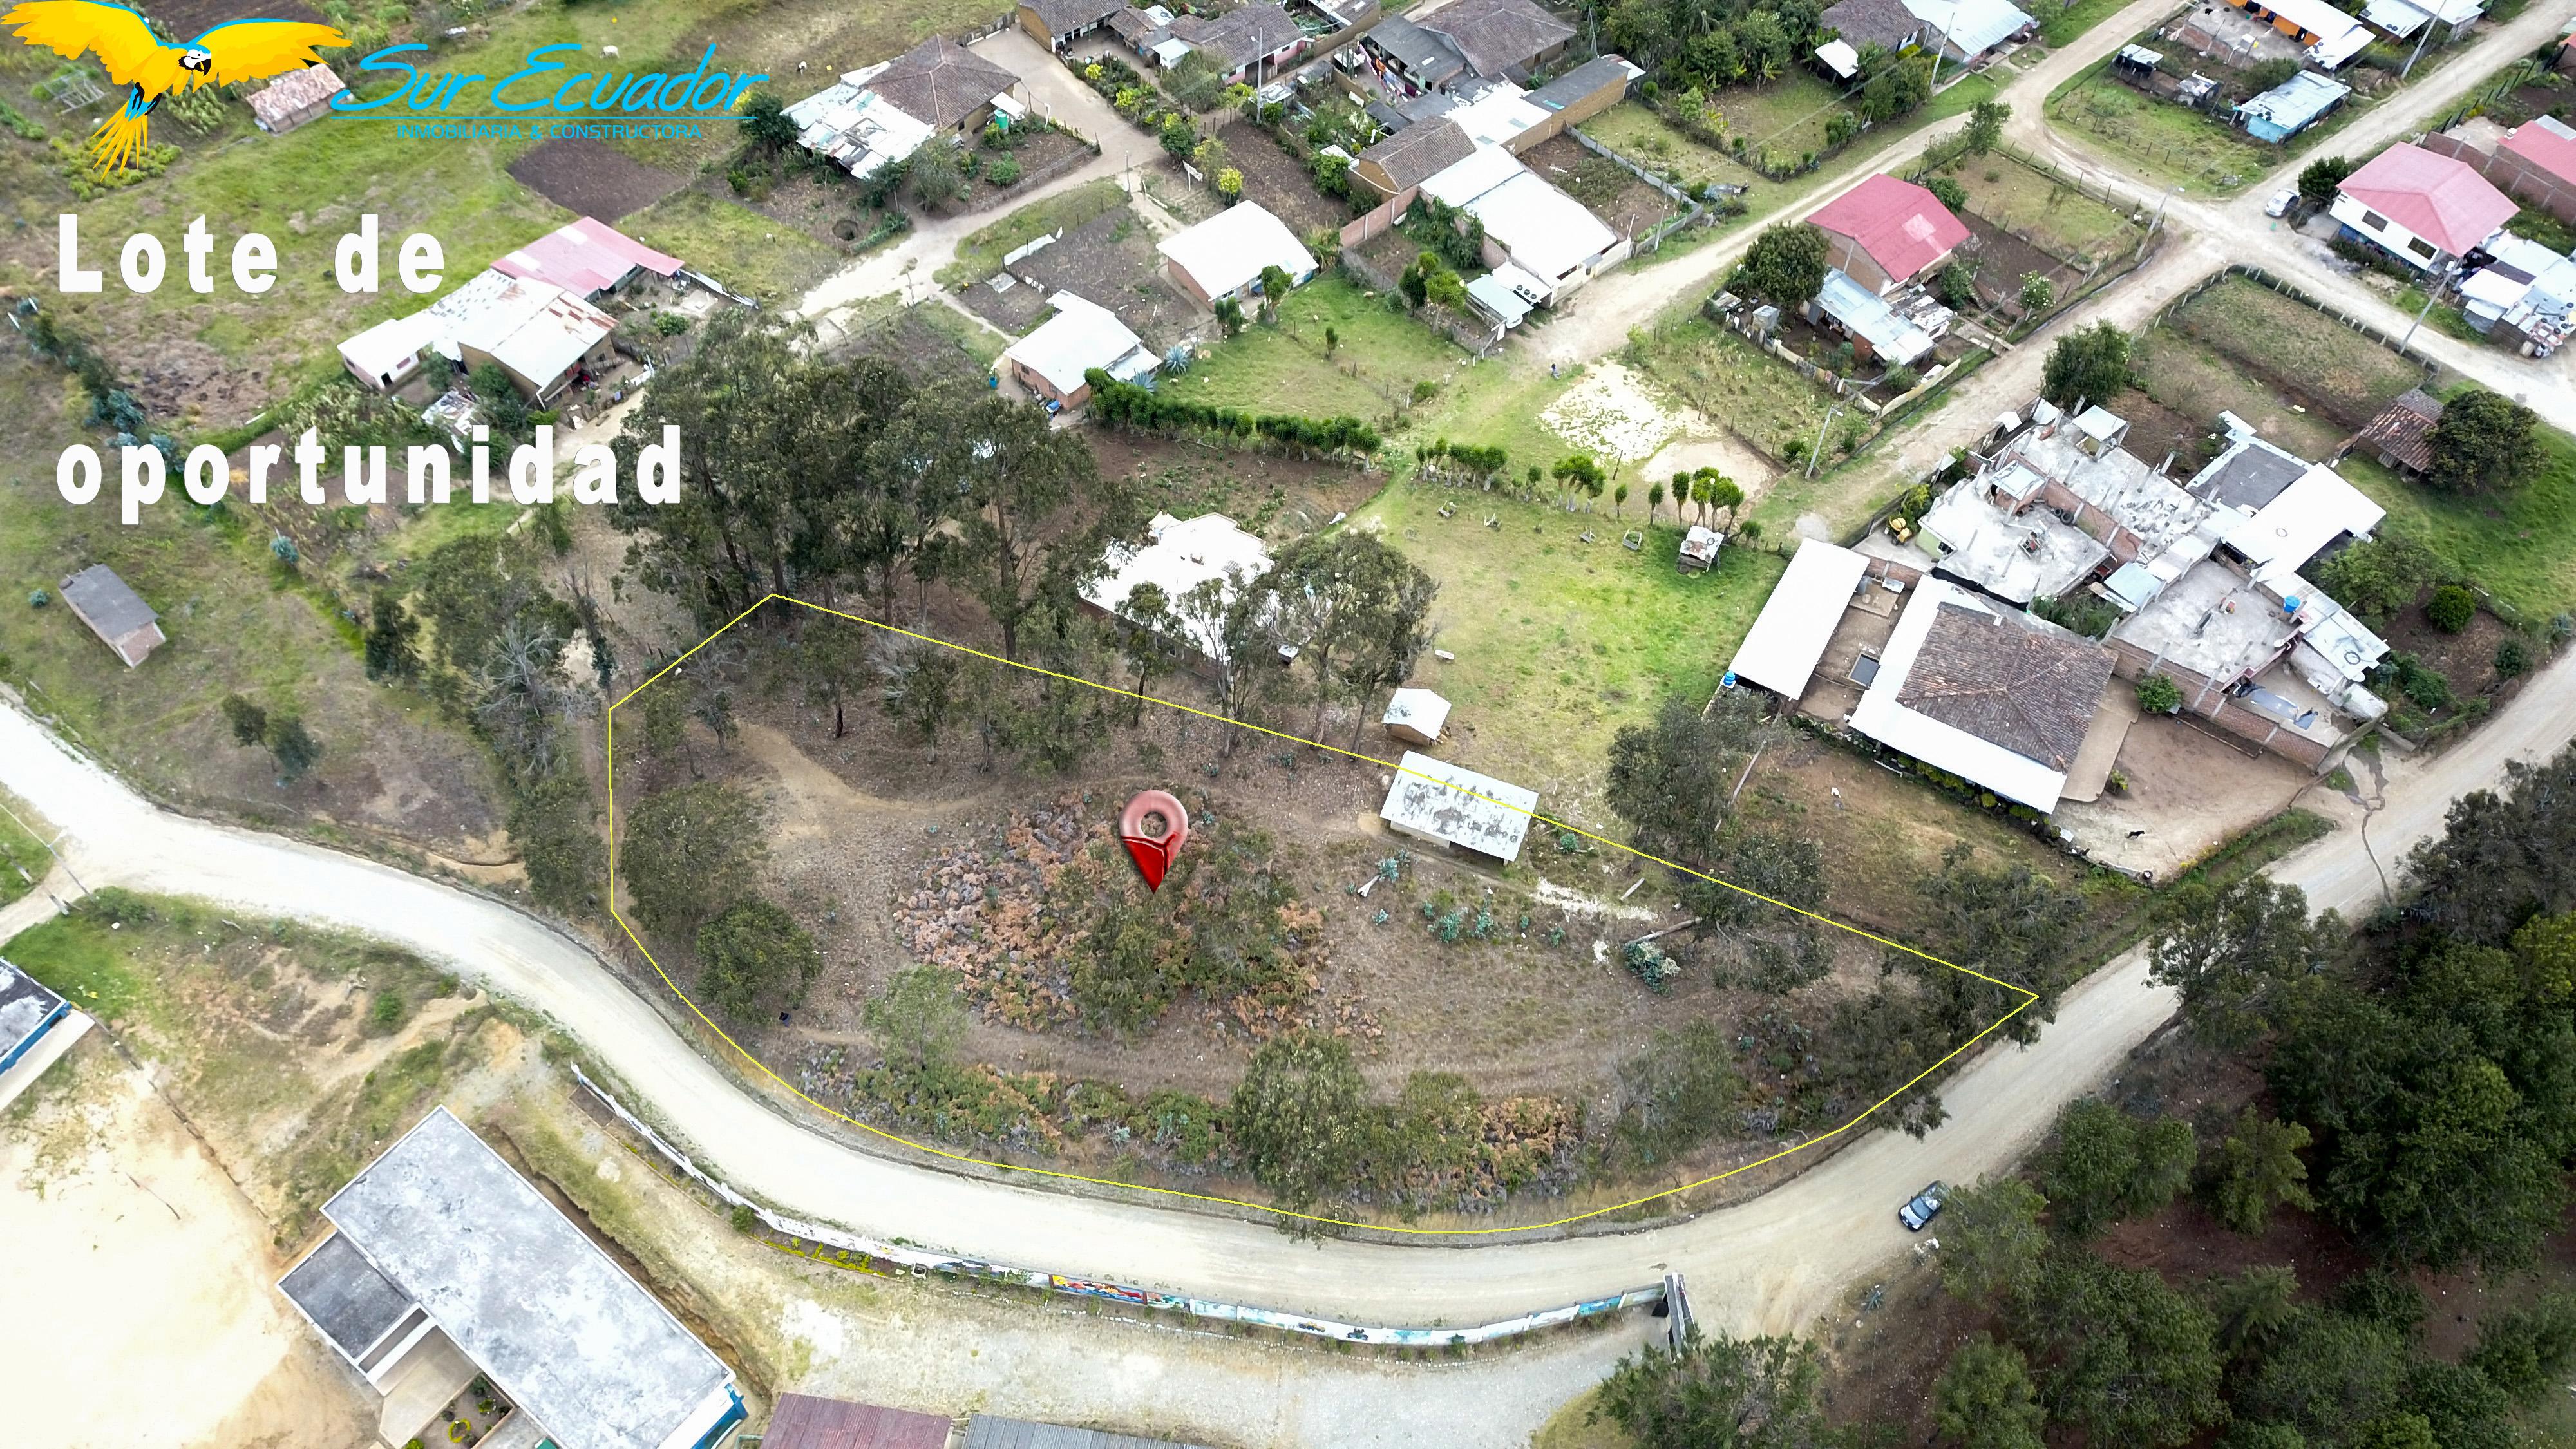 Lote de Oportunidad en Venta, Loja - surecuador.com